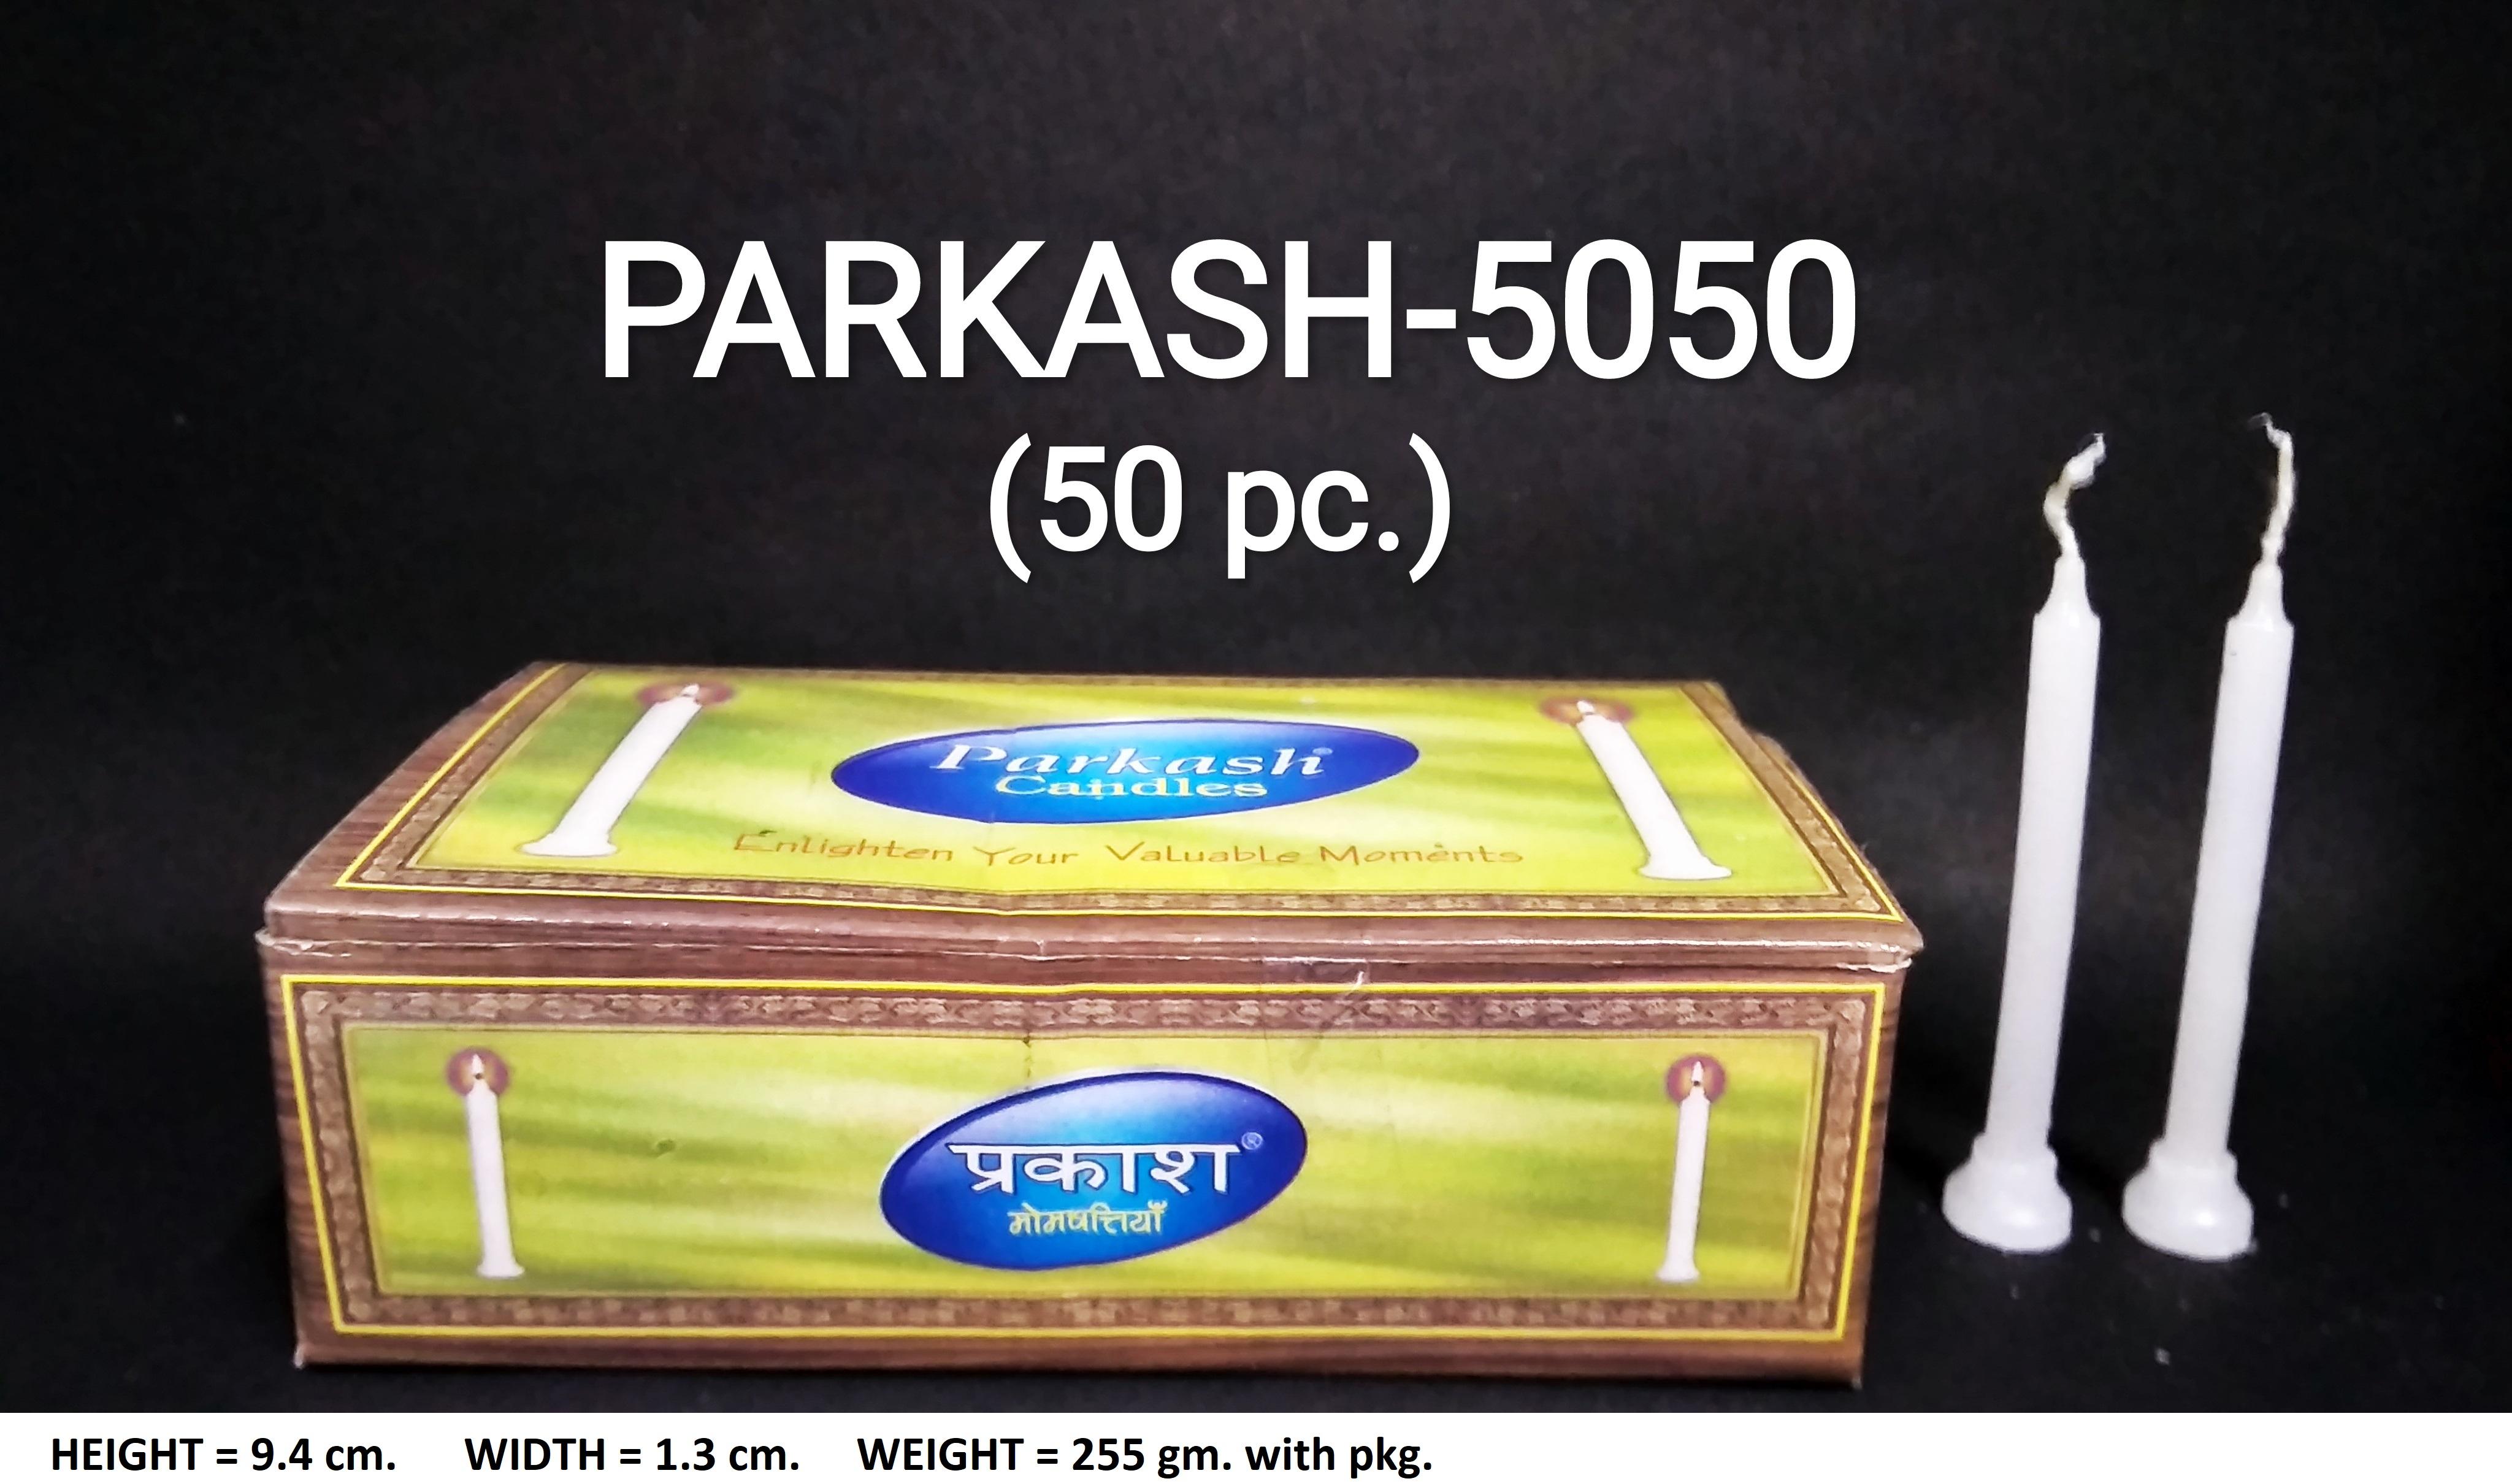 PARKASH-5050